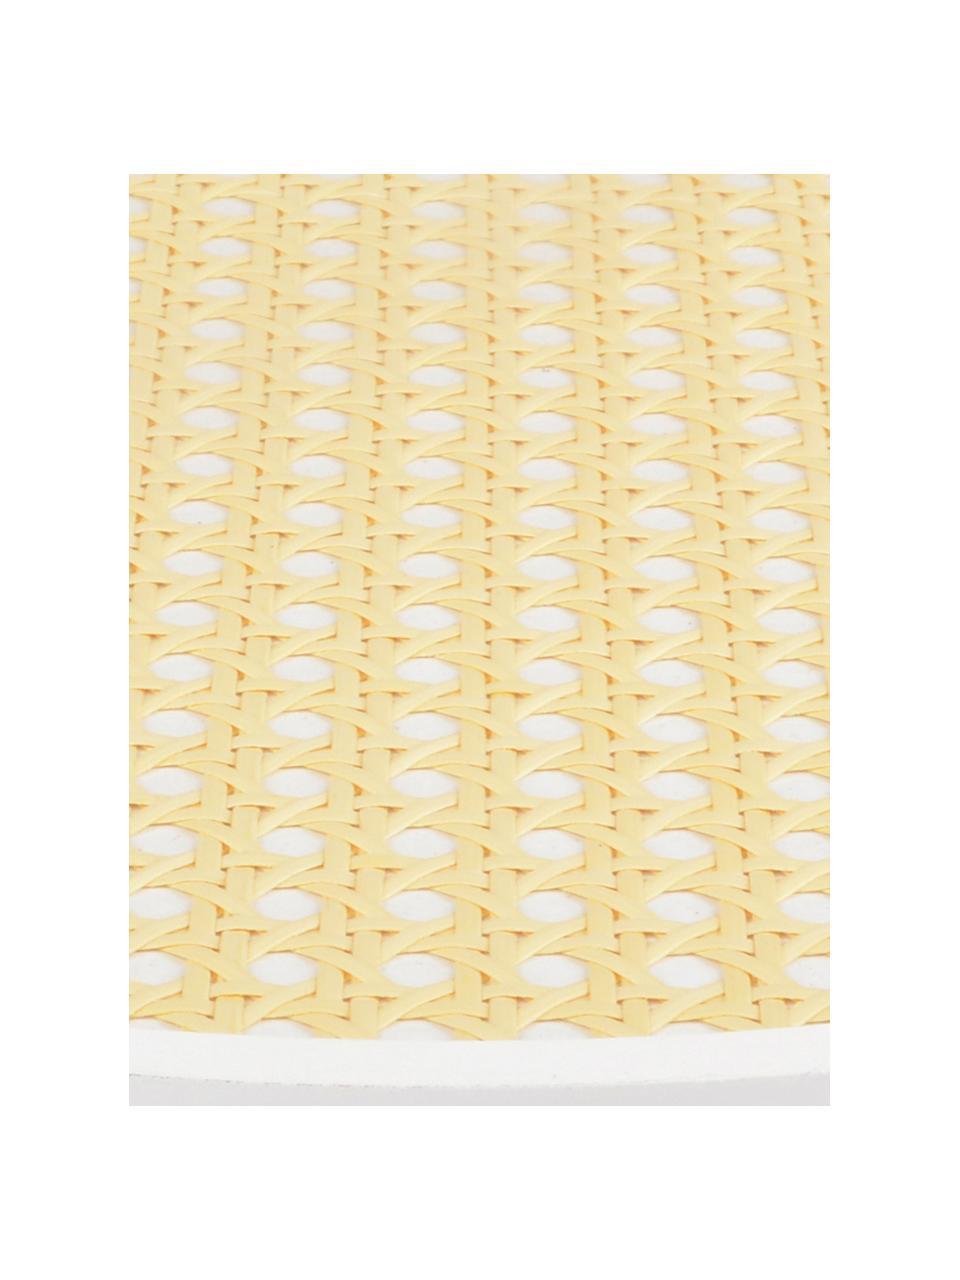 Vassoio decorativo Cirklar, Pannello di fibra a media densità, vimini, Bianco, beige, Ø 39 cm